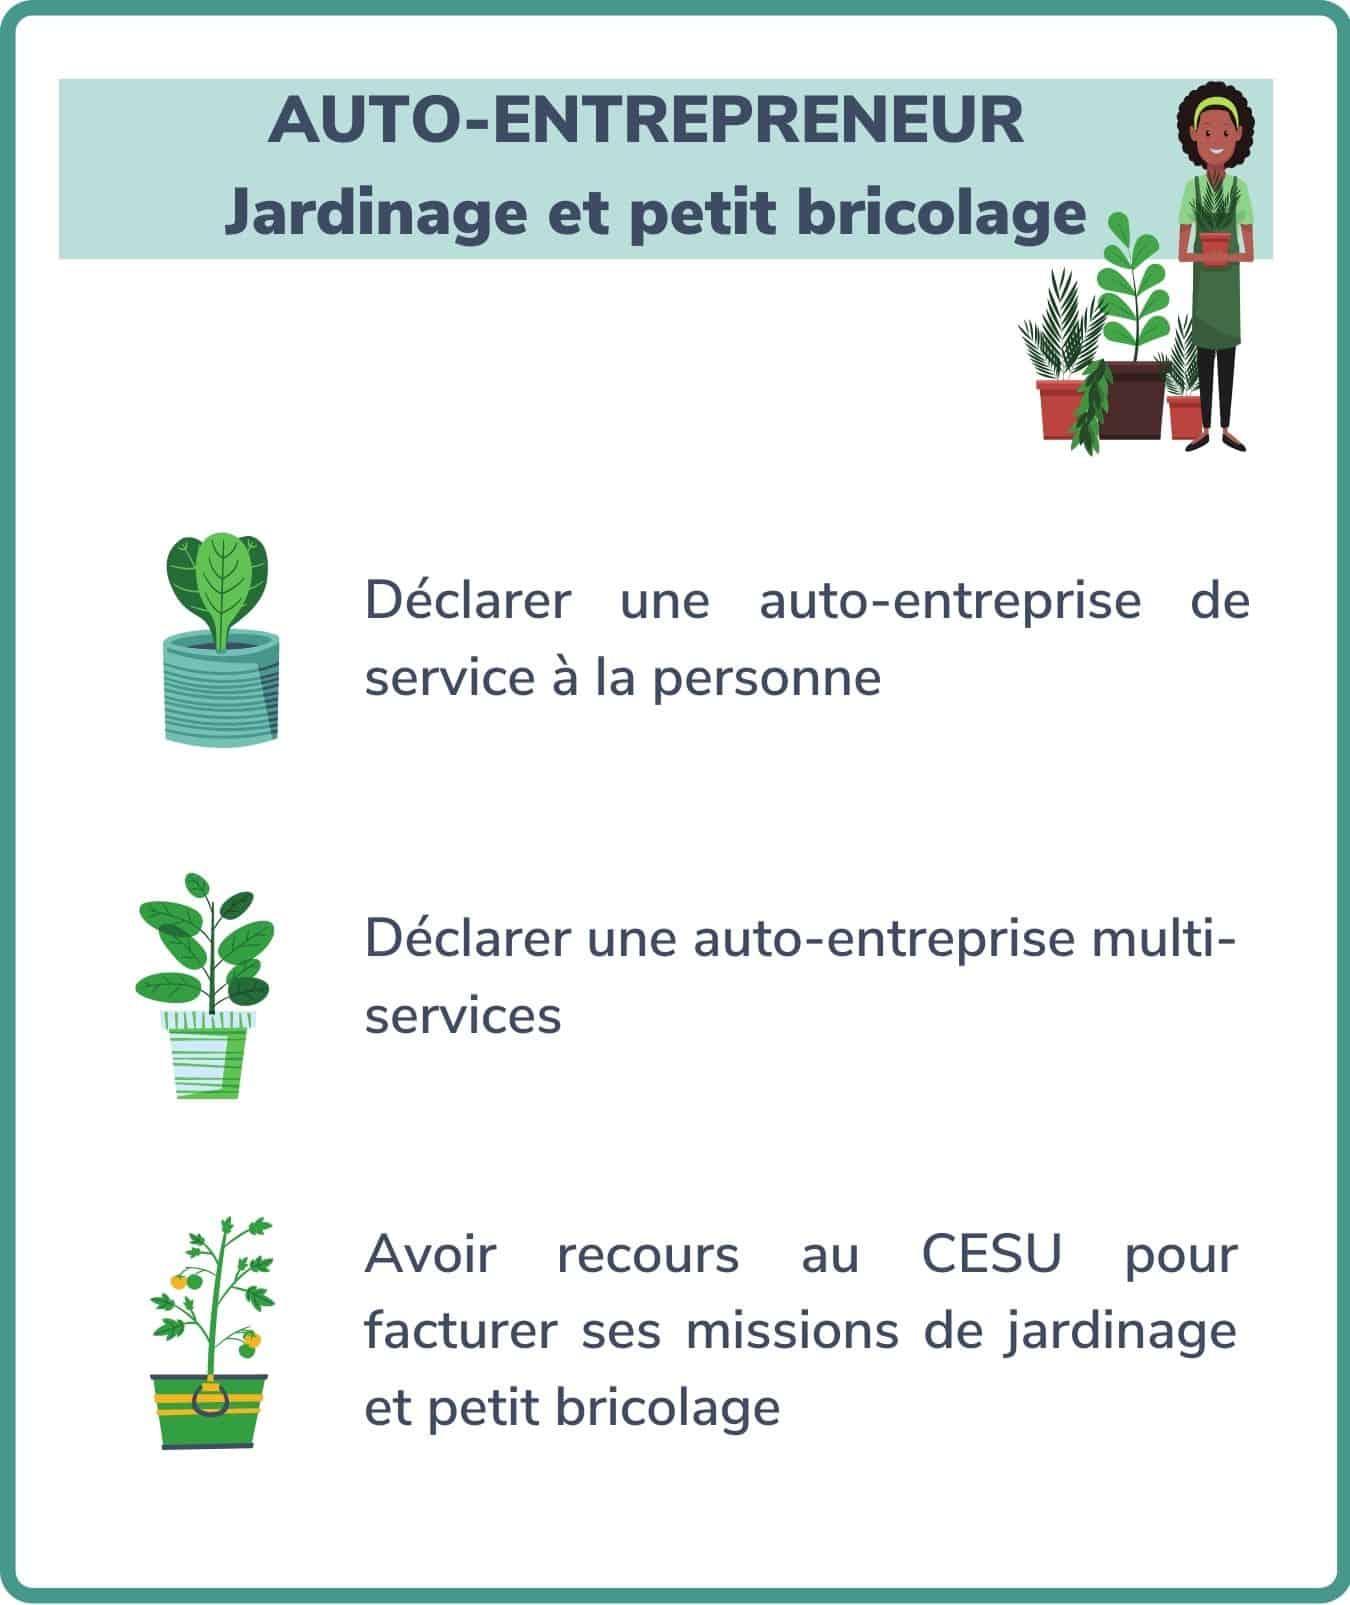 auto-entrepreneur, jardinage et petit bricolage